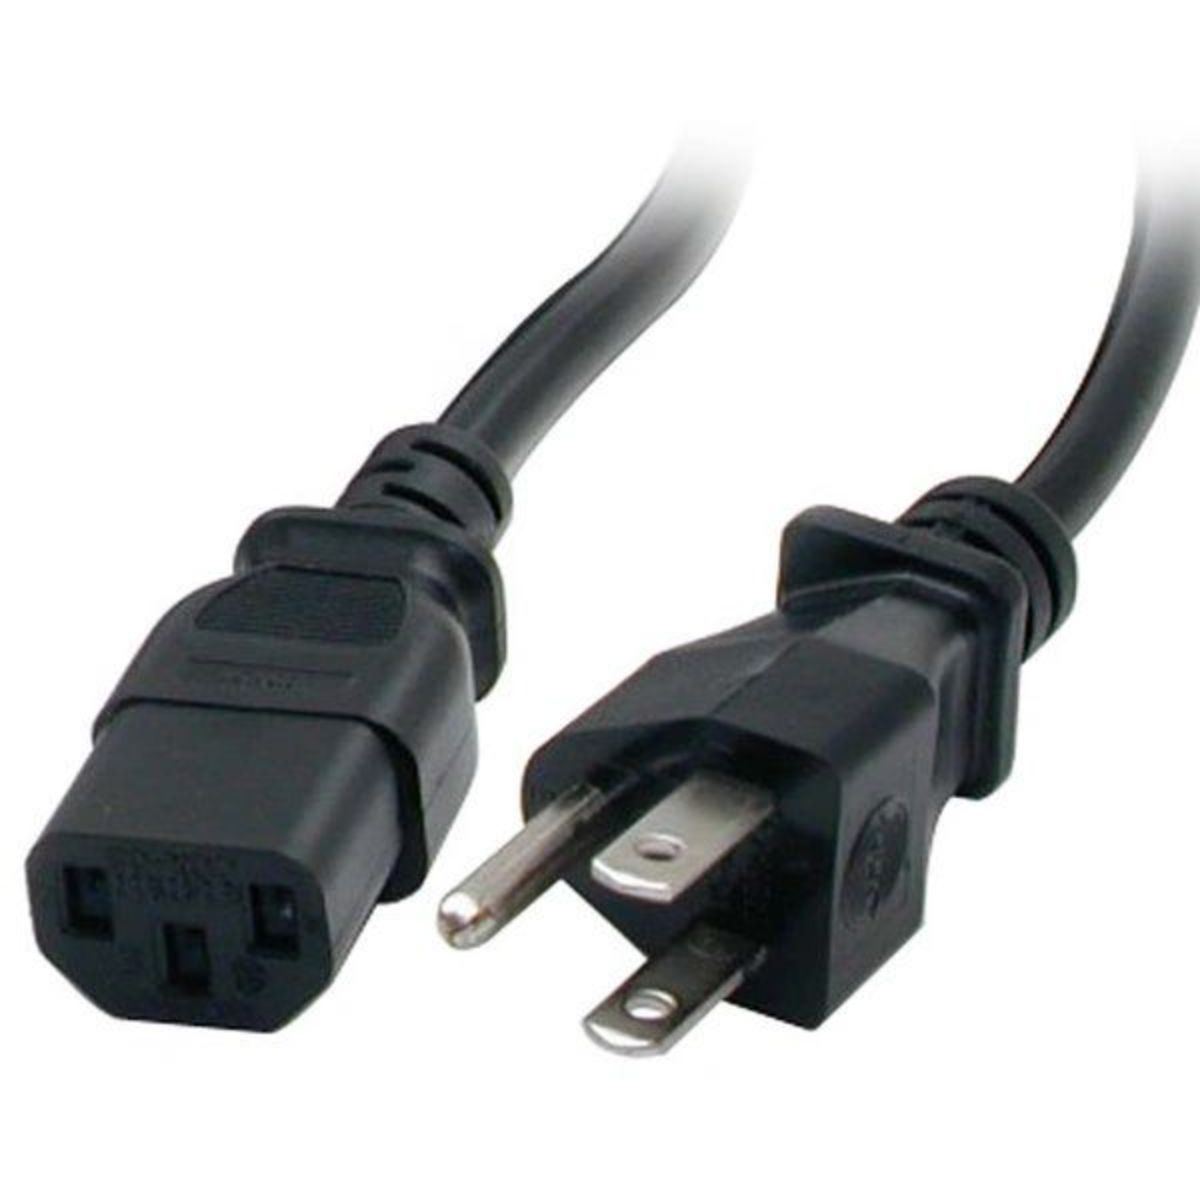 cable de poder o alimentacion 3 1 1